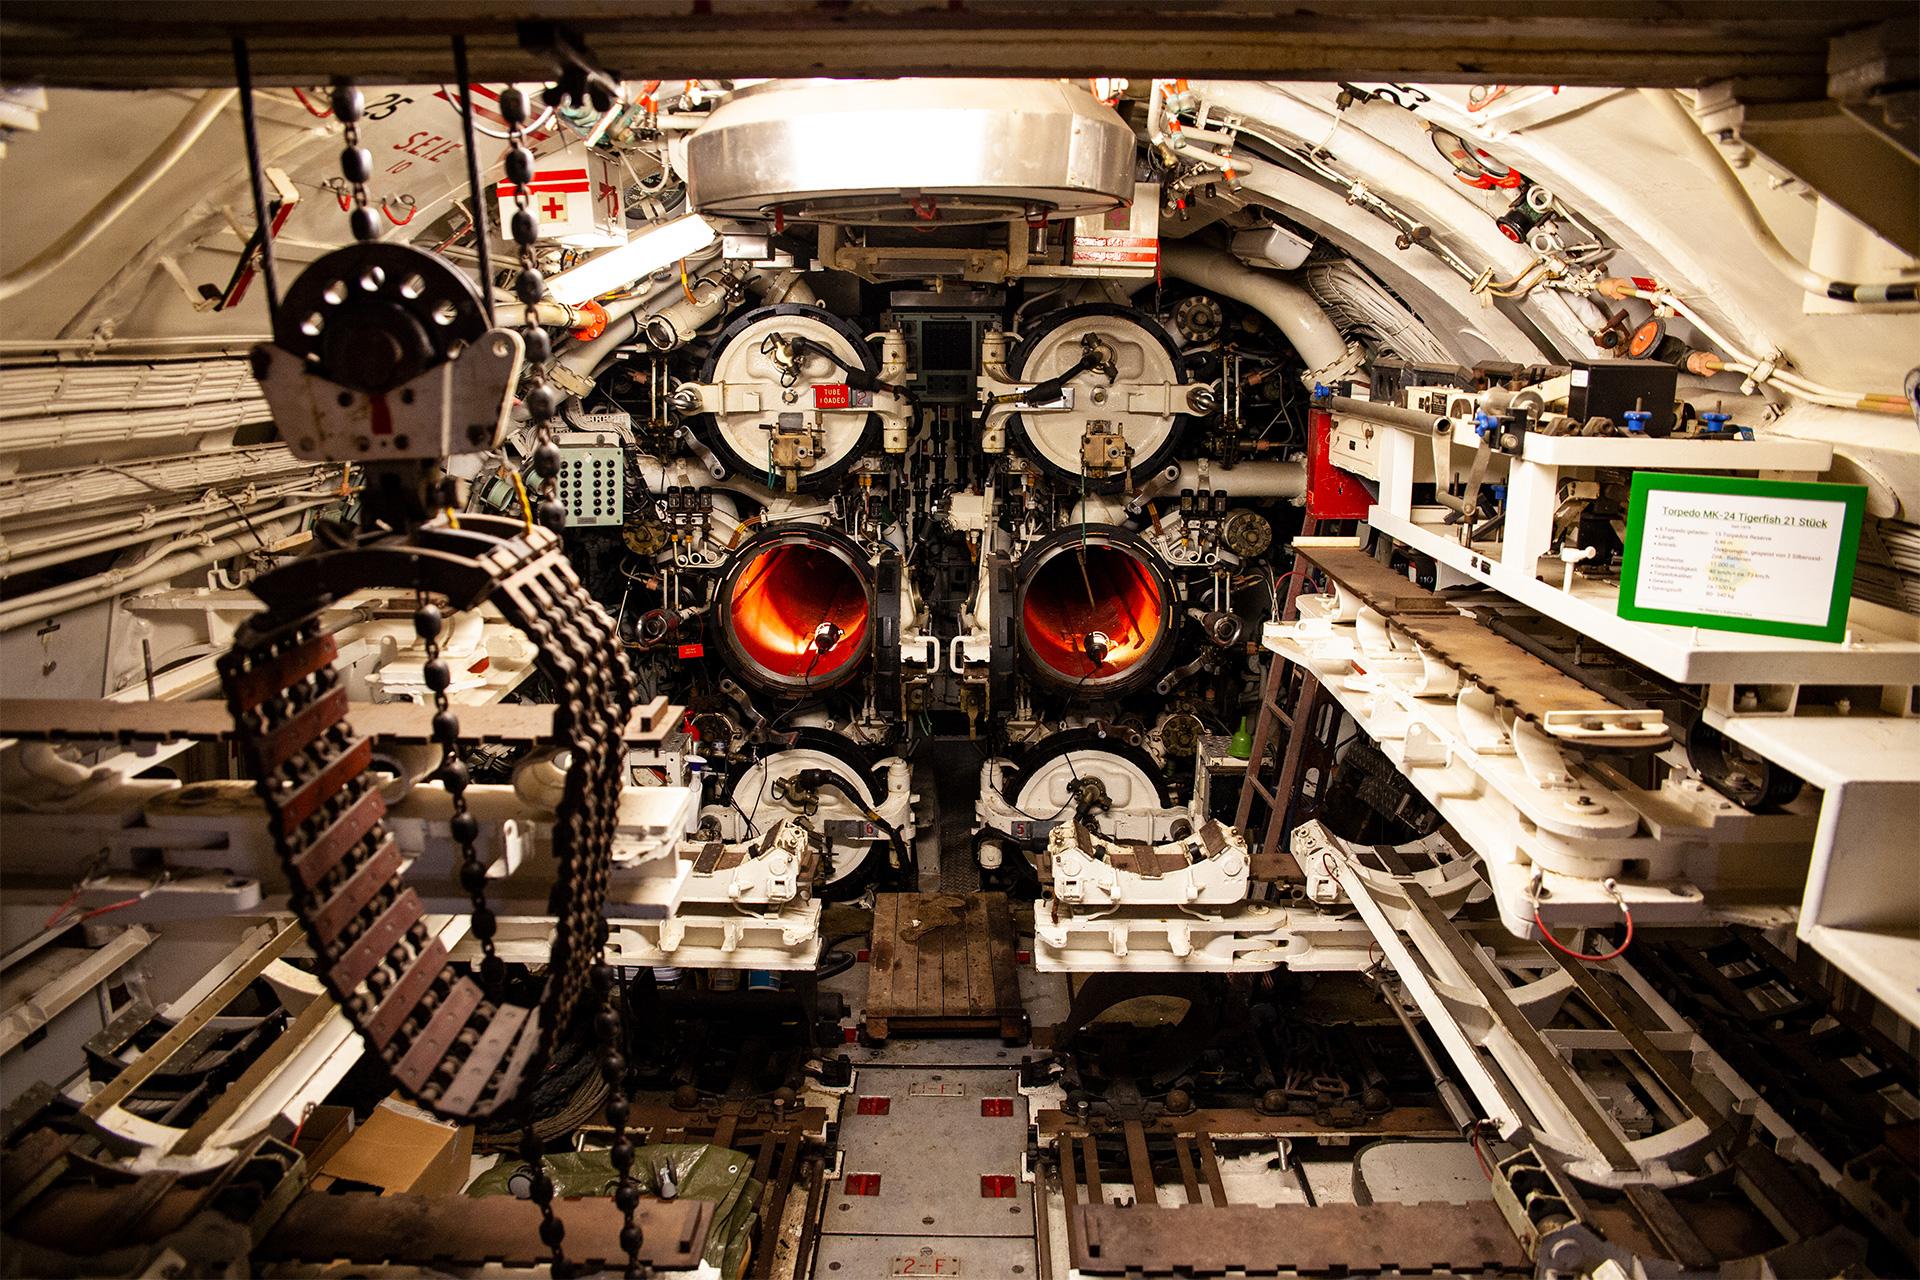 Zwiedzanie zaczynamy od sekcji torpedowej